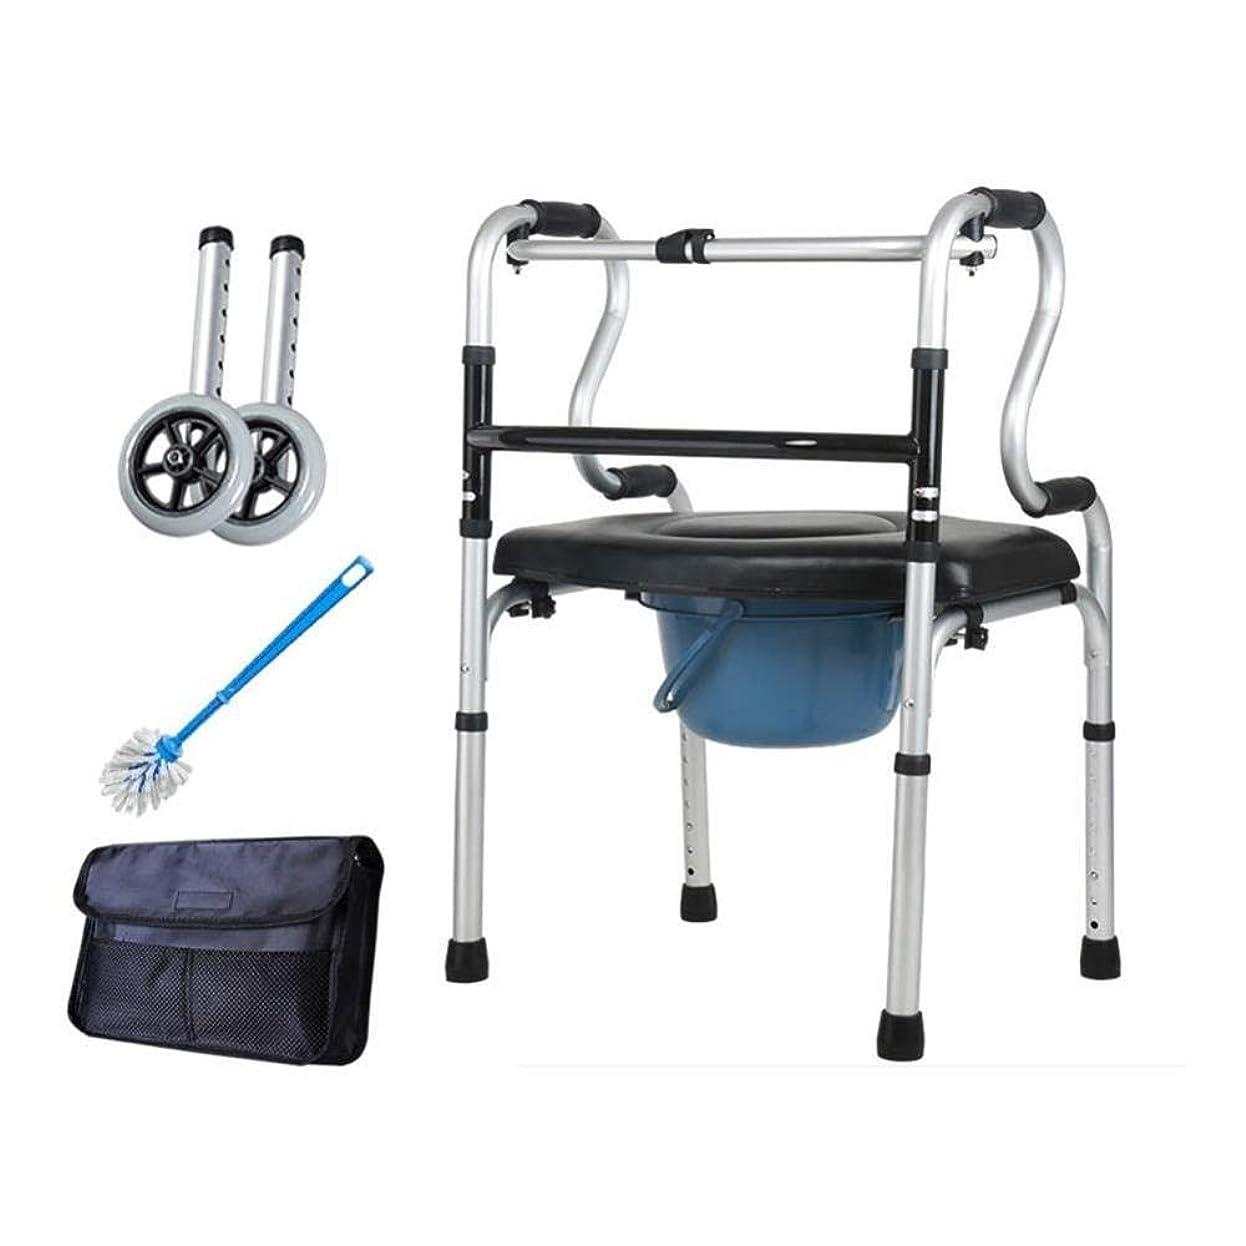 メンダシティ経験者鋸歯状軽量アルミニウム歩行トロリー、折りたたみ式調節可能な歩行装置、便器付き防水ソフトシート、キャリーバッグ